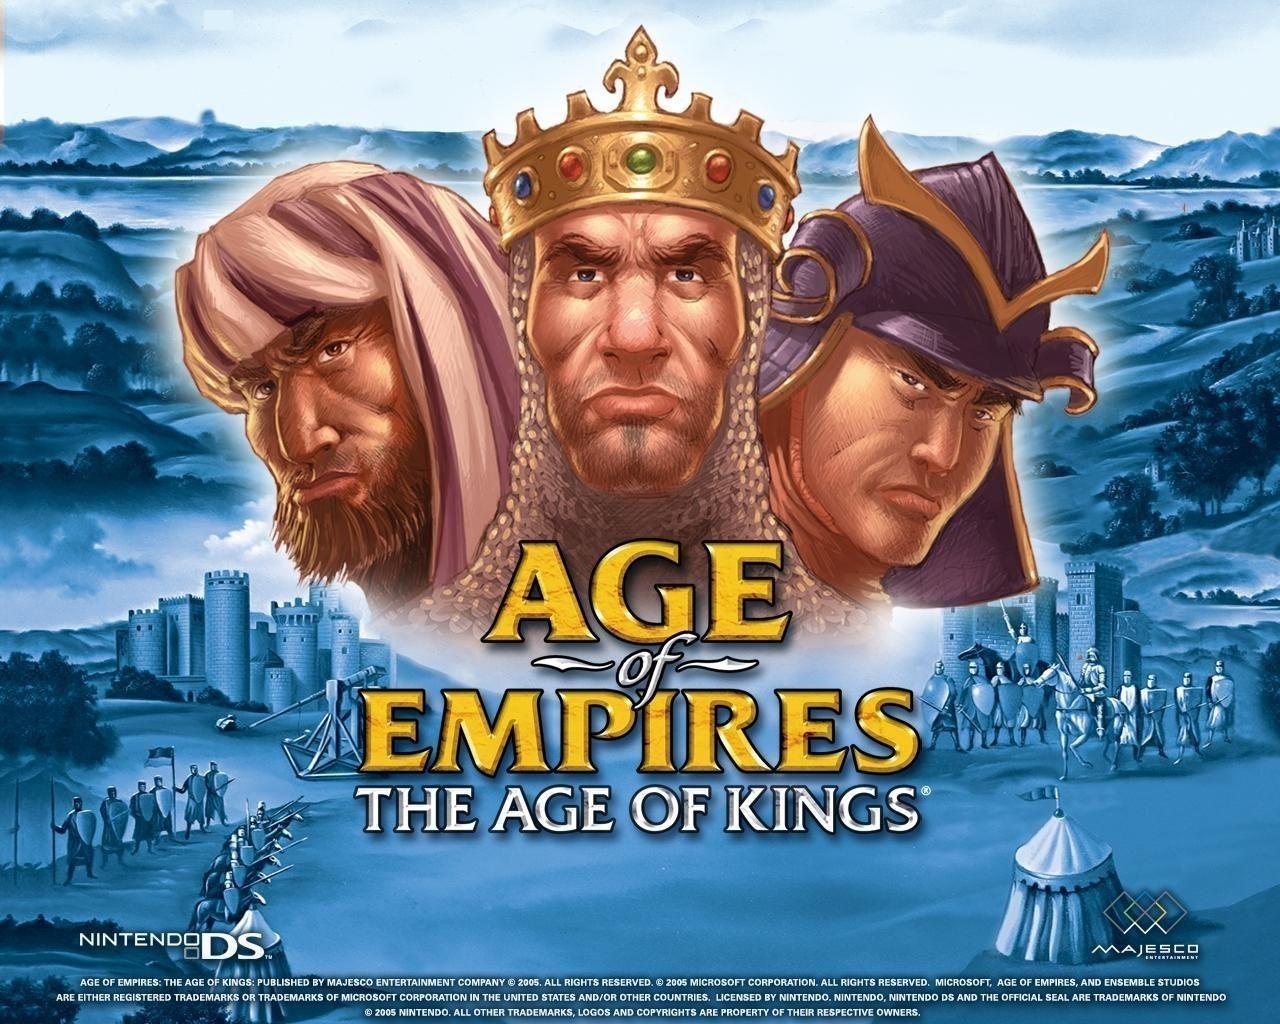 Wallpapers Age of Empires Age of Empires: Age of Kings Games Image ...